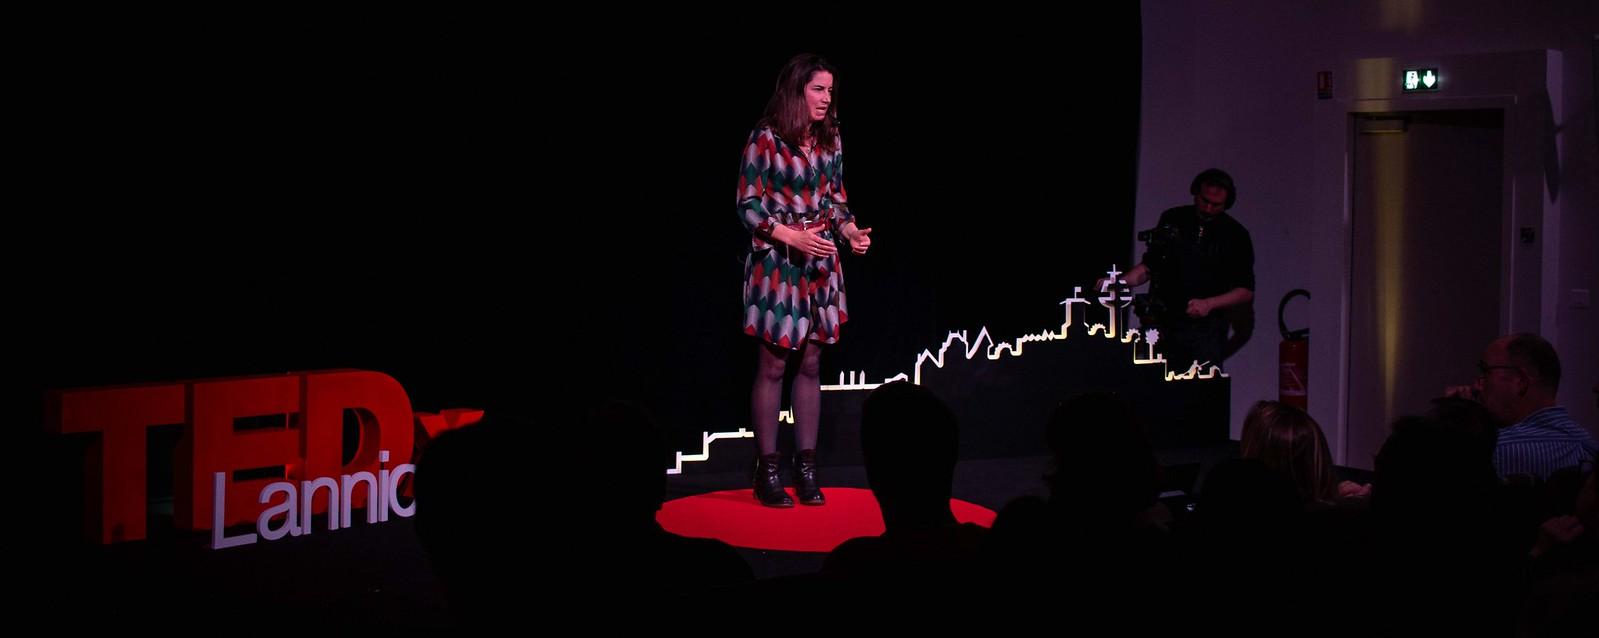 TEDxLannion-2018-137